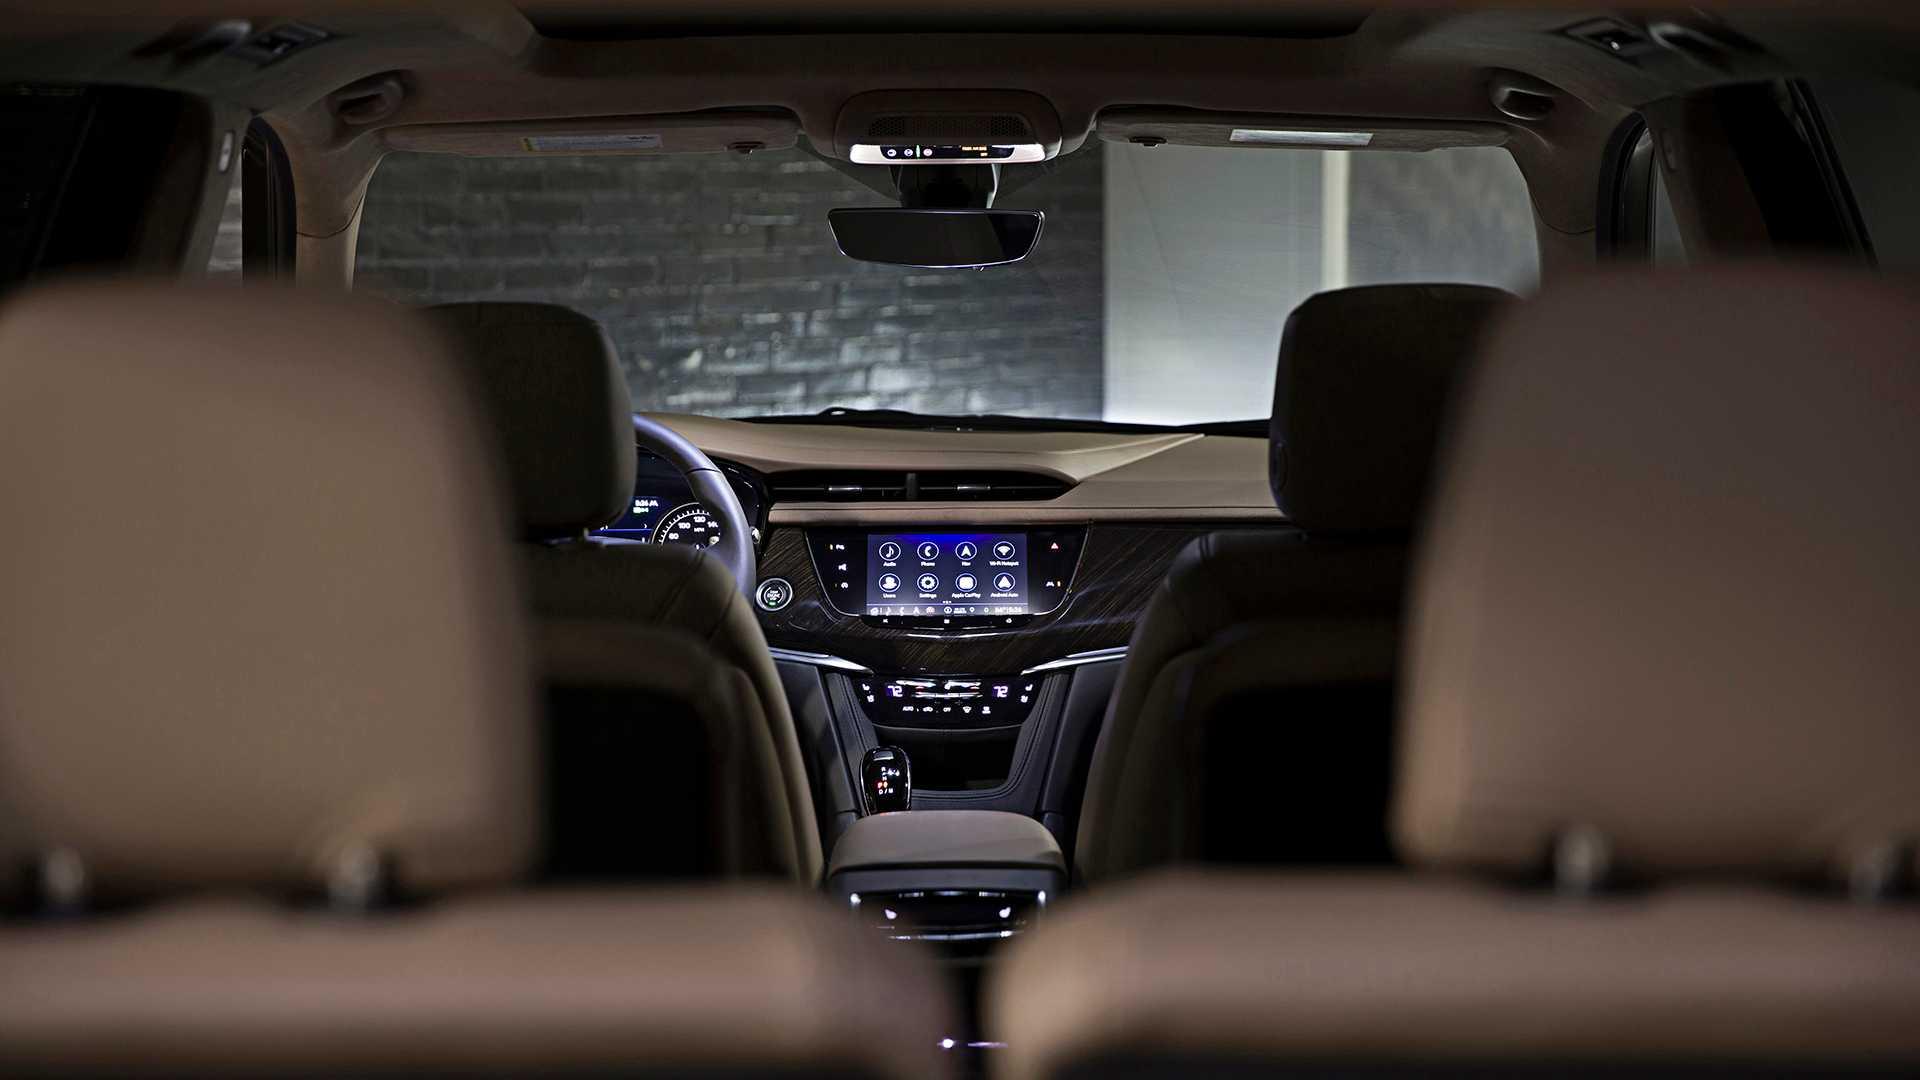 2020 Cadillac XT6 Revealed Ahead Of World Debut At NAIAS ...